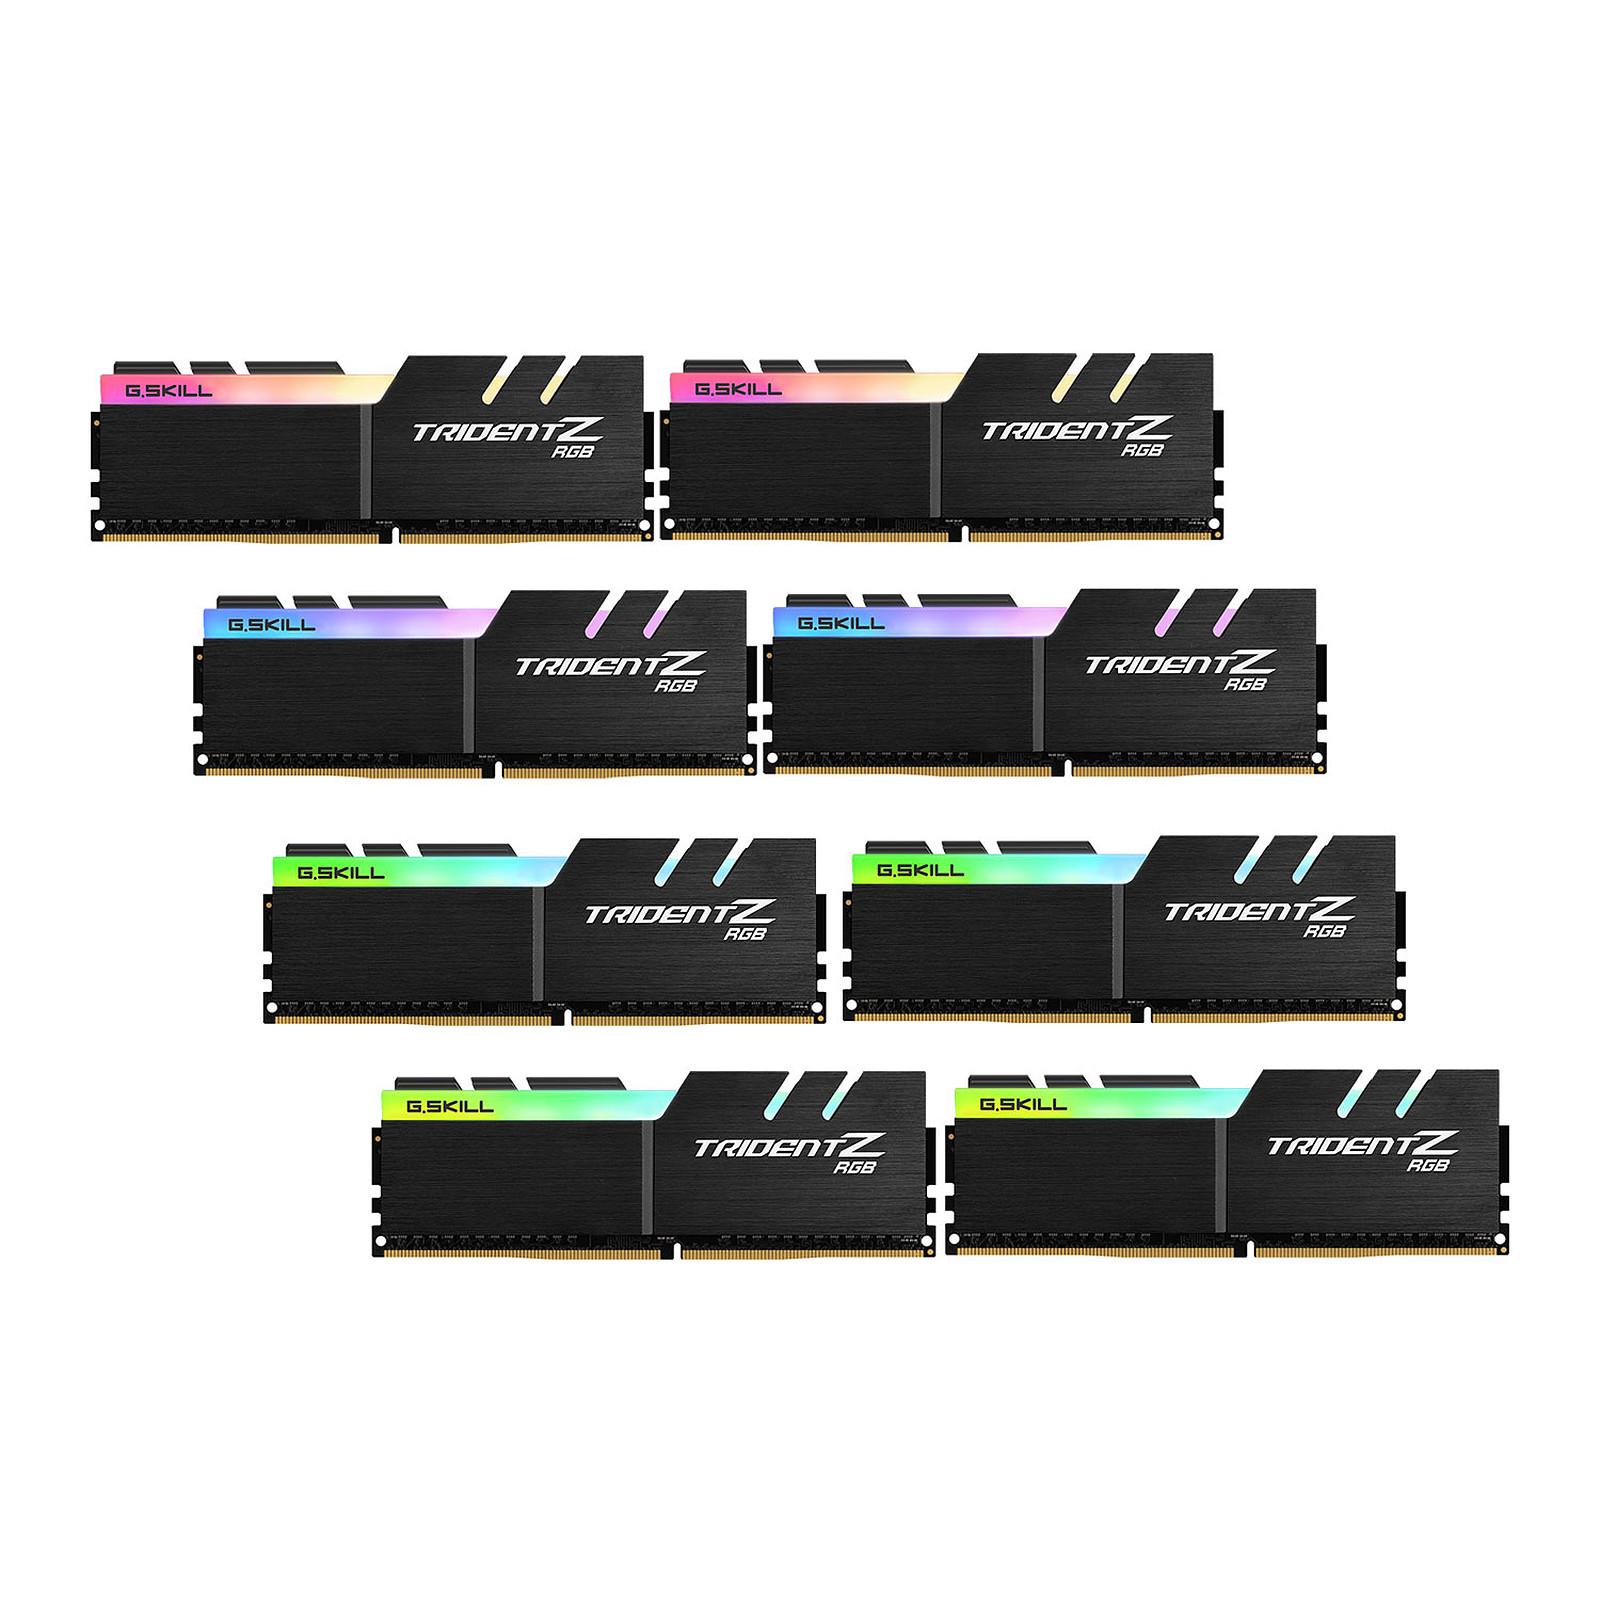 G.Skill Trident Z RGB 128 Go (8x 16 Go) DDR4 3600 MHz CL17